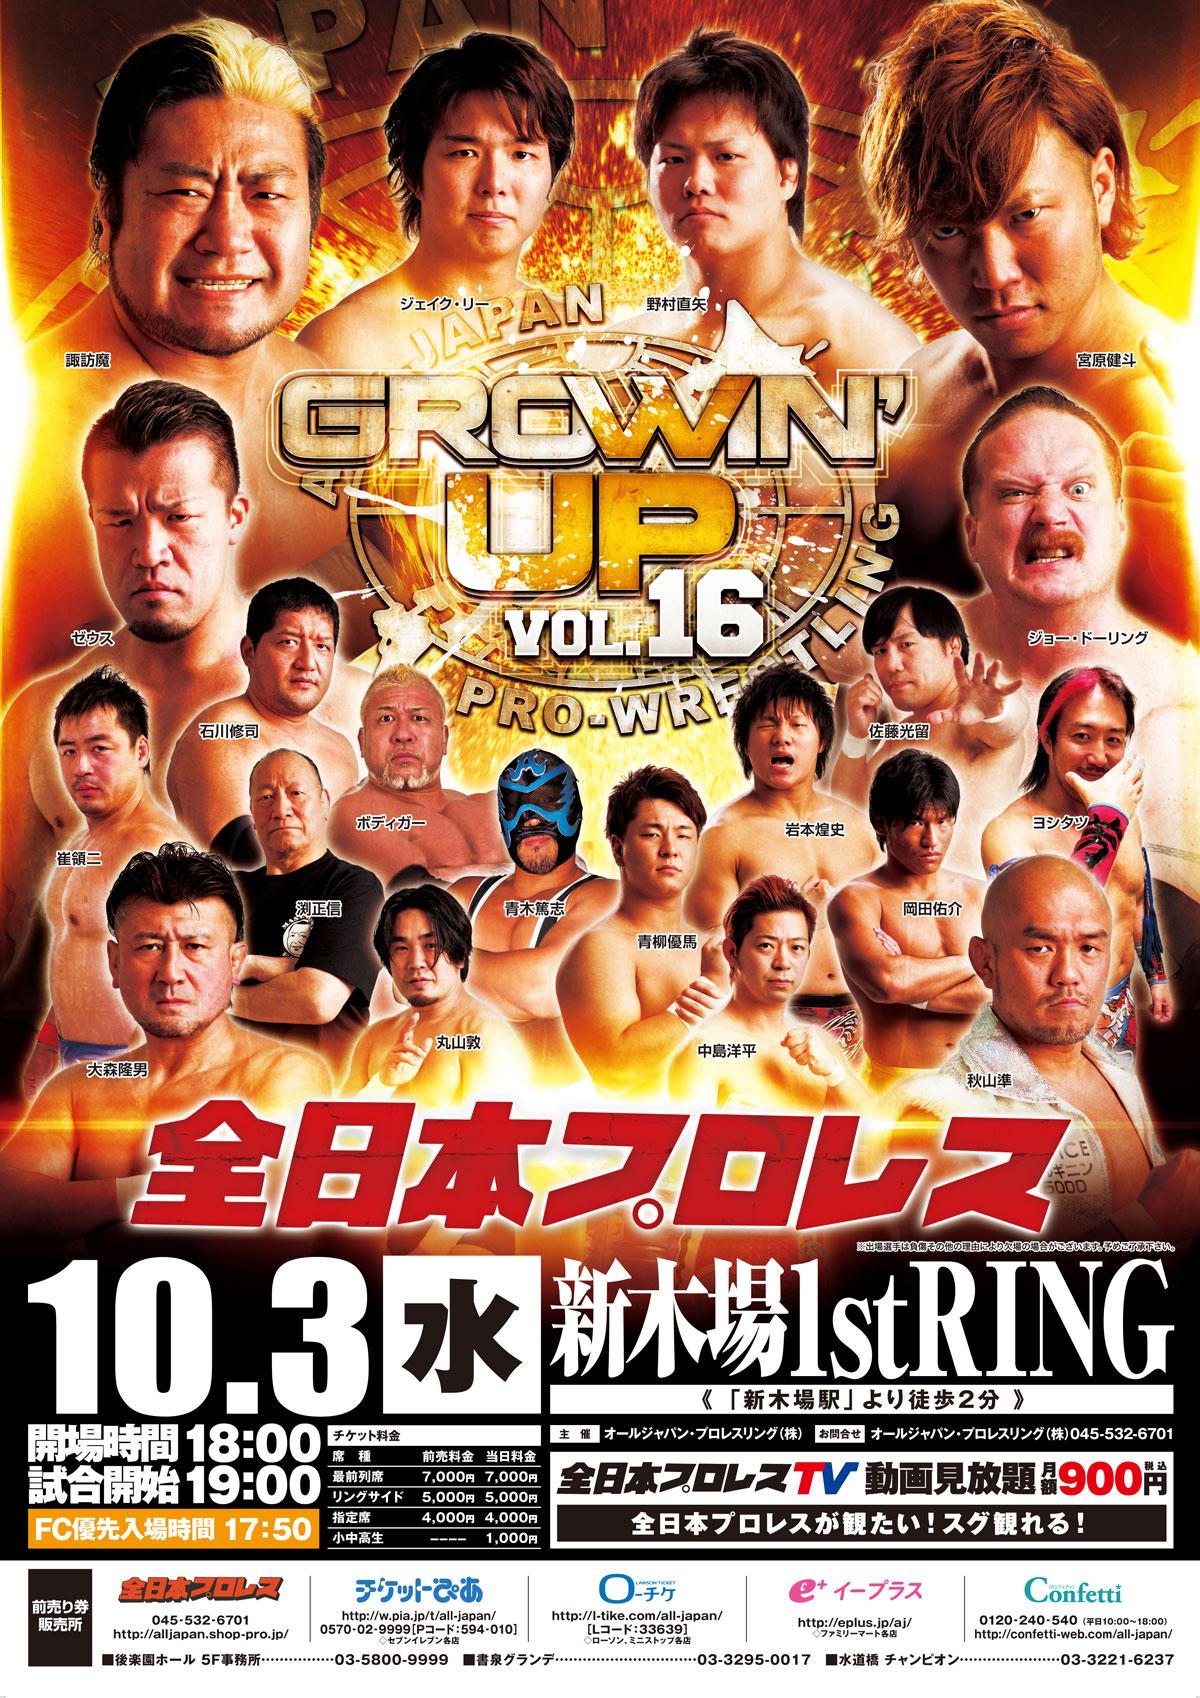 AJPW GROWIN' UP Vol.16